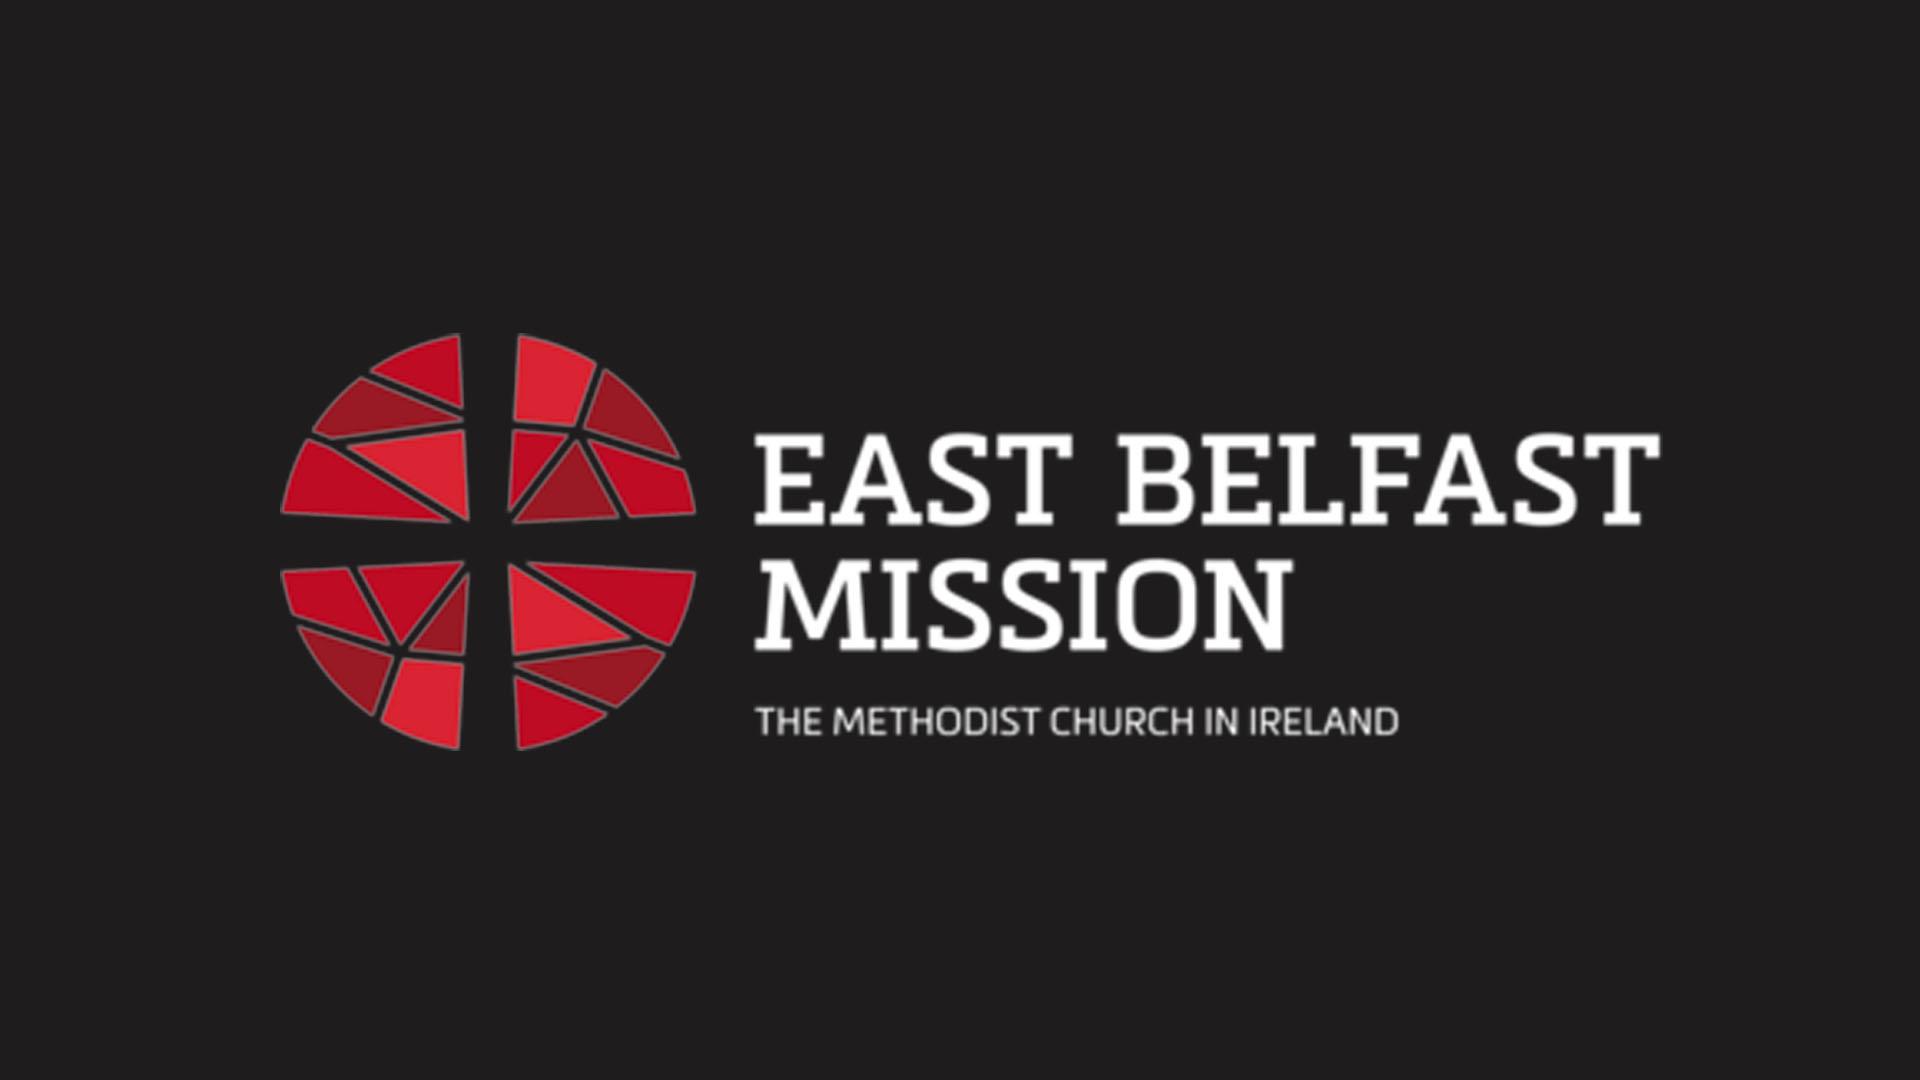 East Belfast Mission